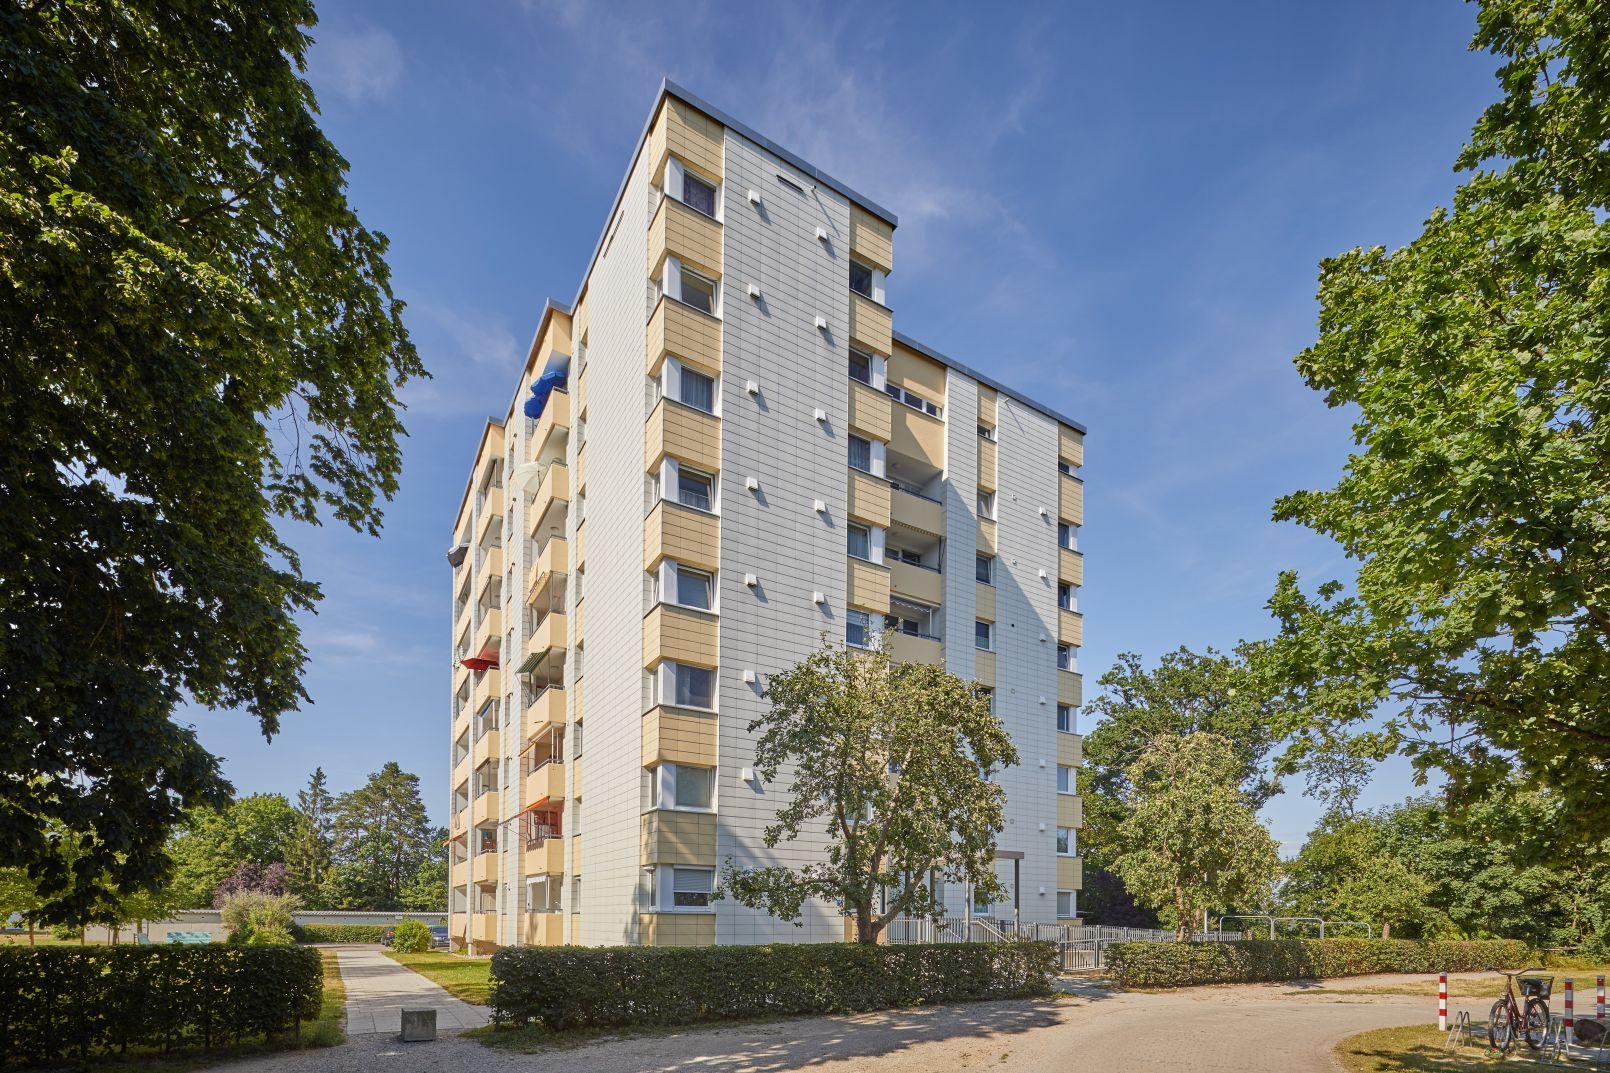 Franz-Schubert-Straße 40